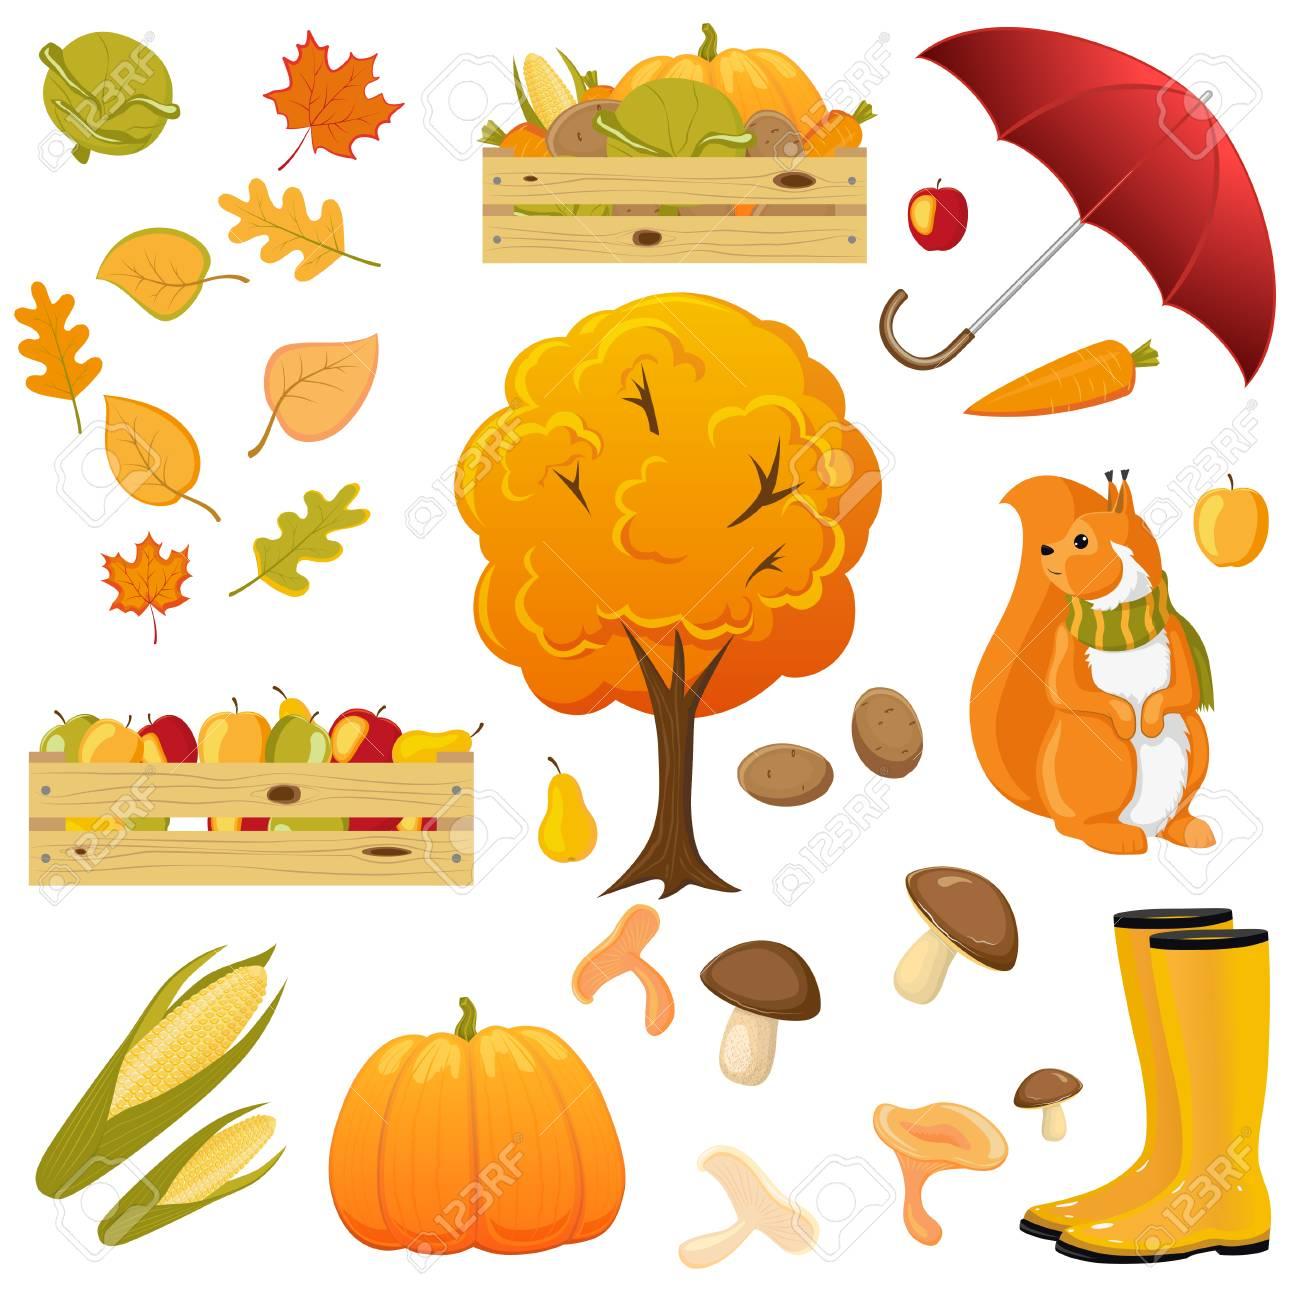 big fall autumn set umbrella rain boots squirrel fruits